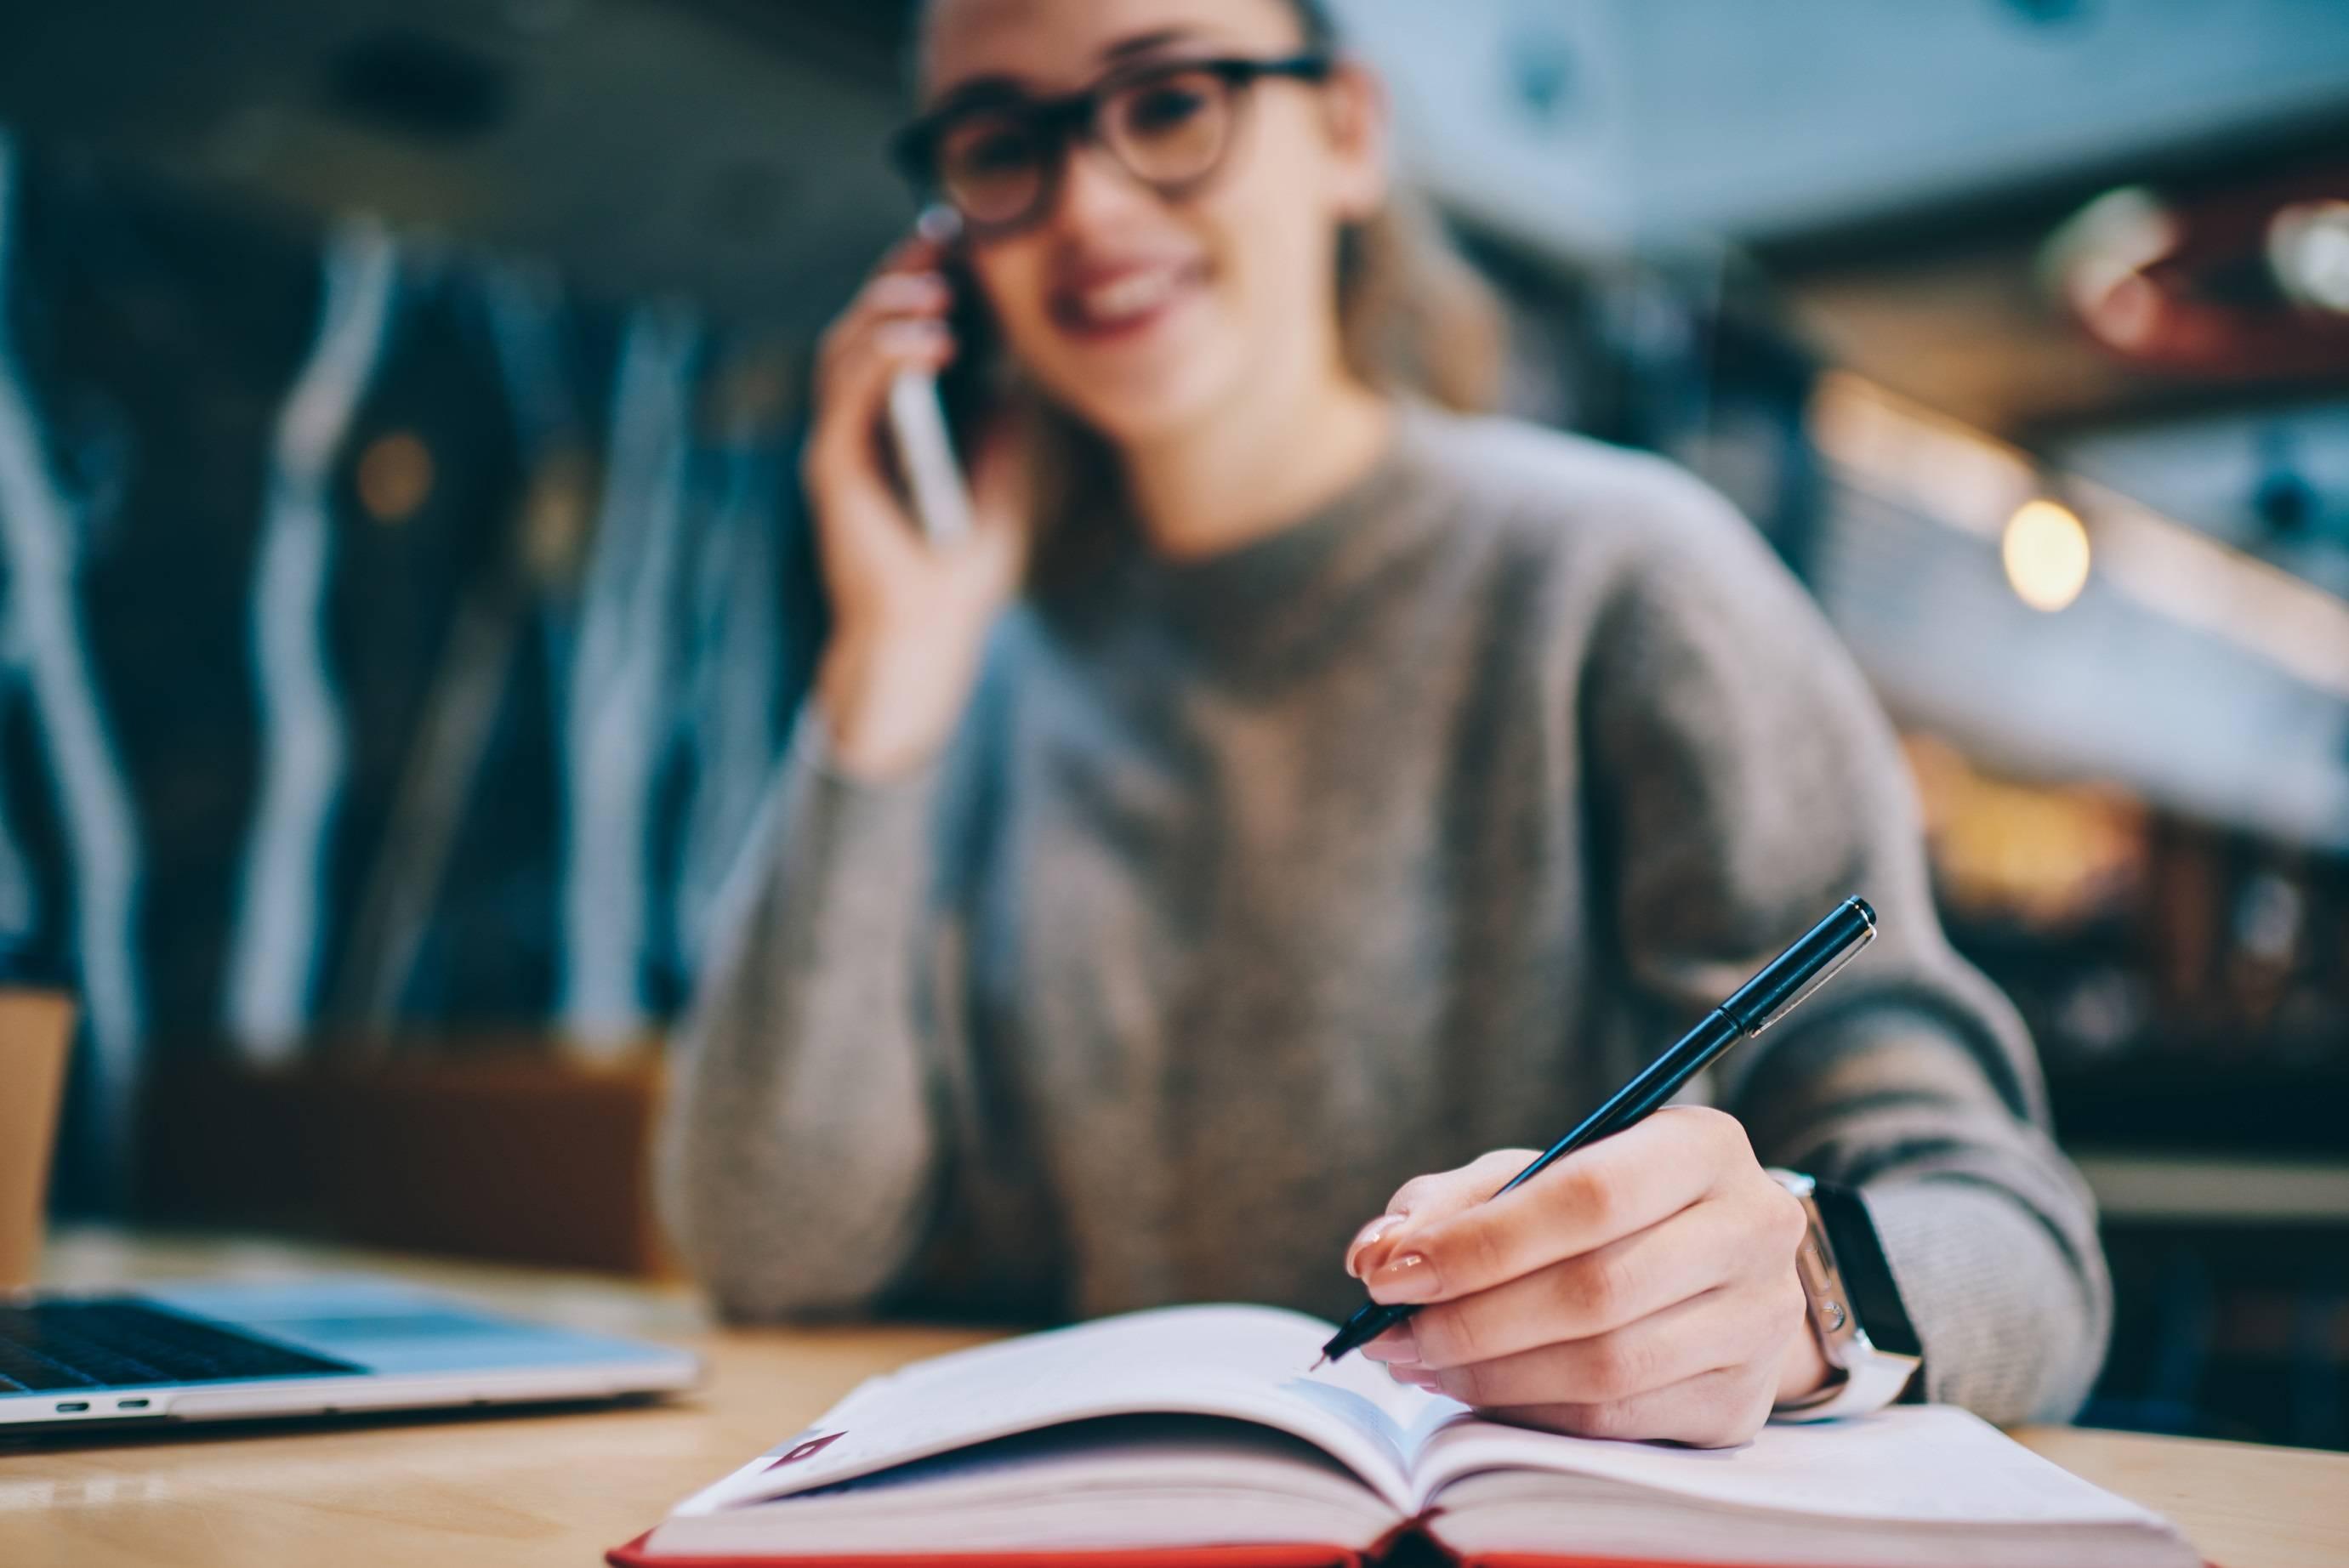 高中同学和大学同学区别 大学同学有必要联系吗